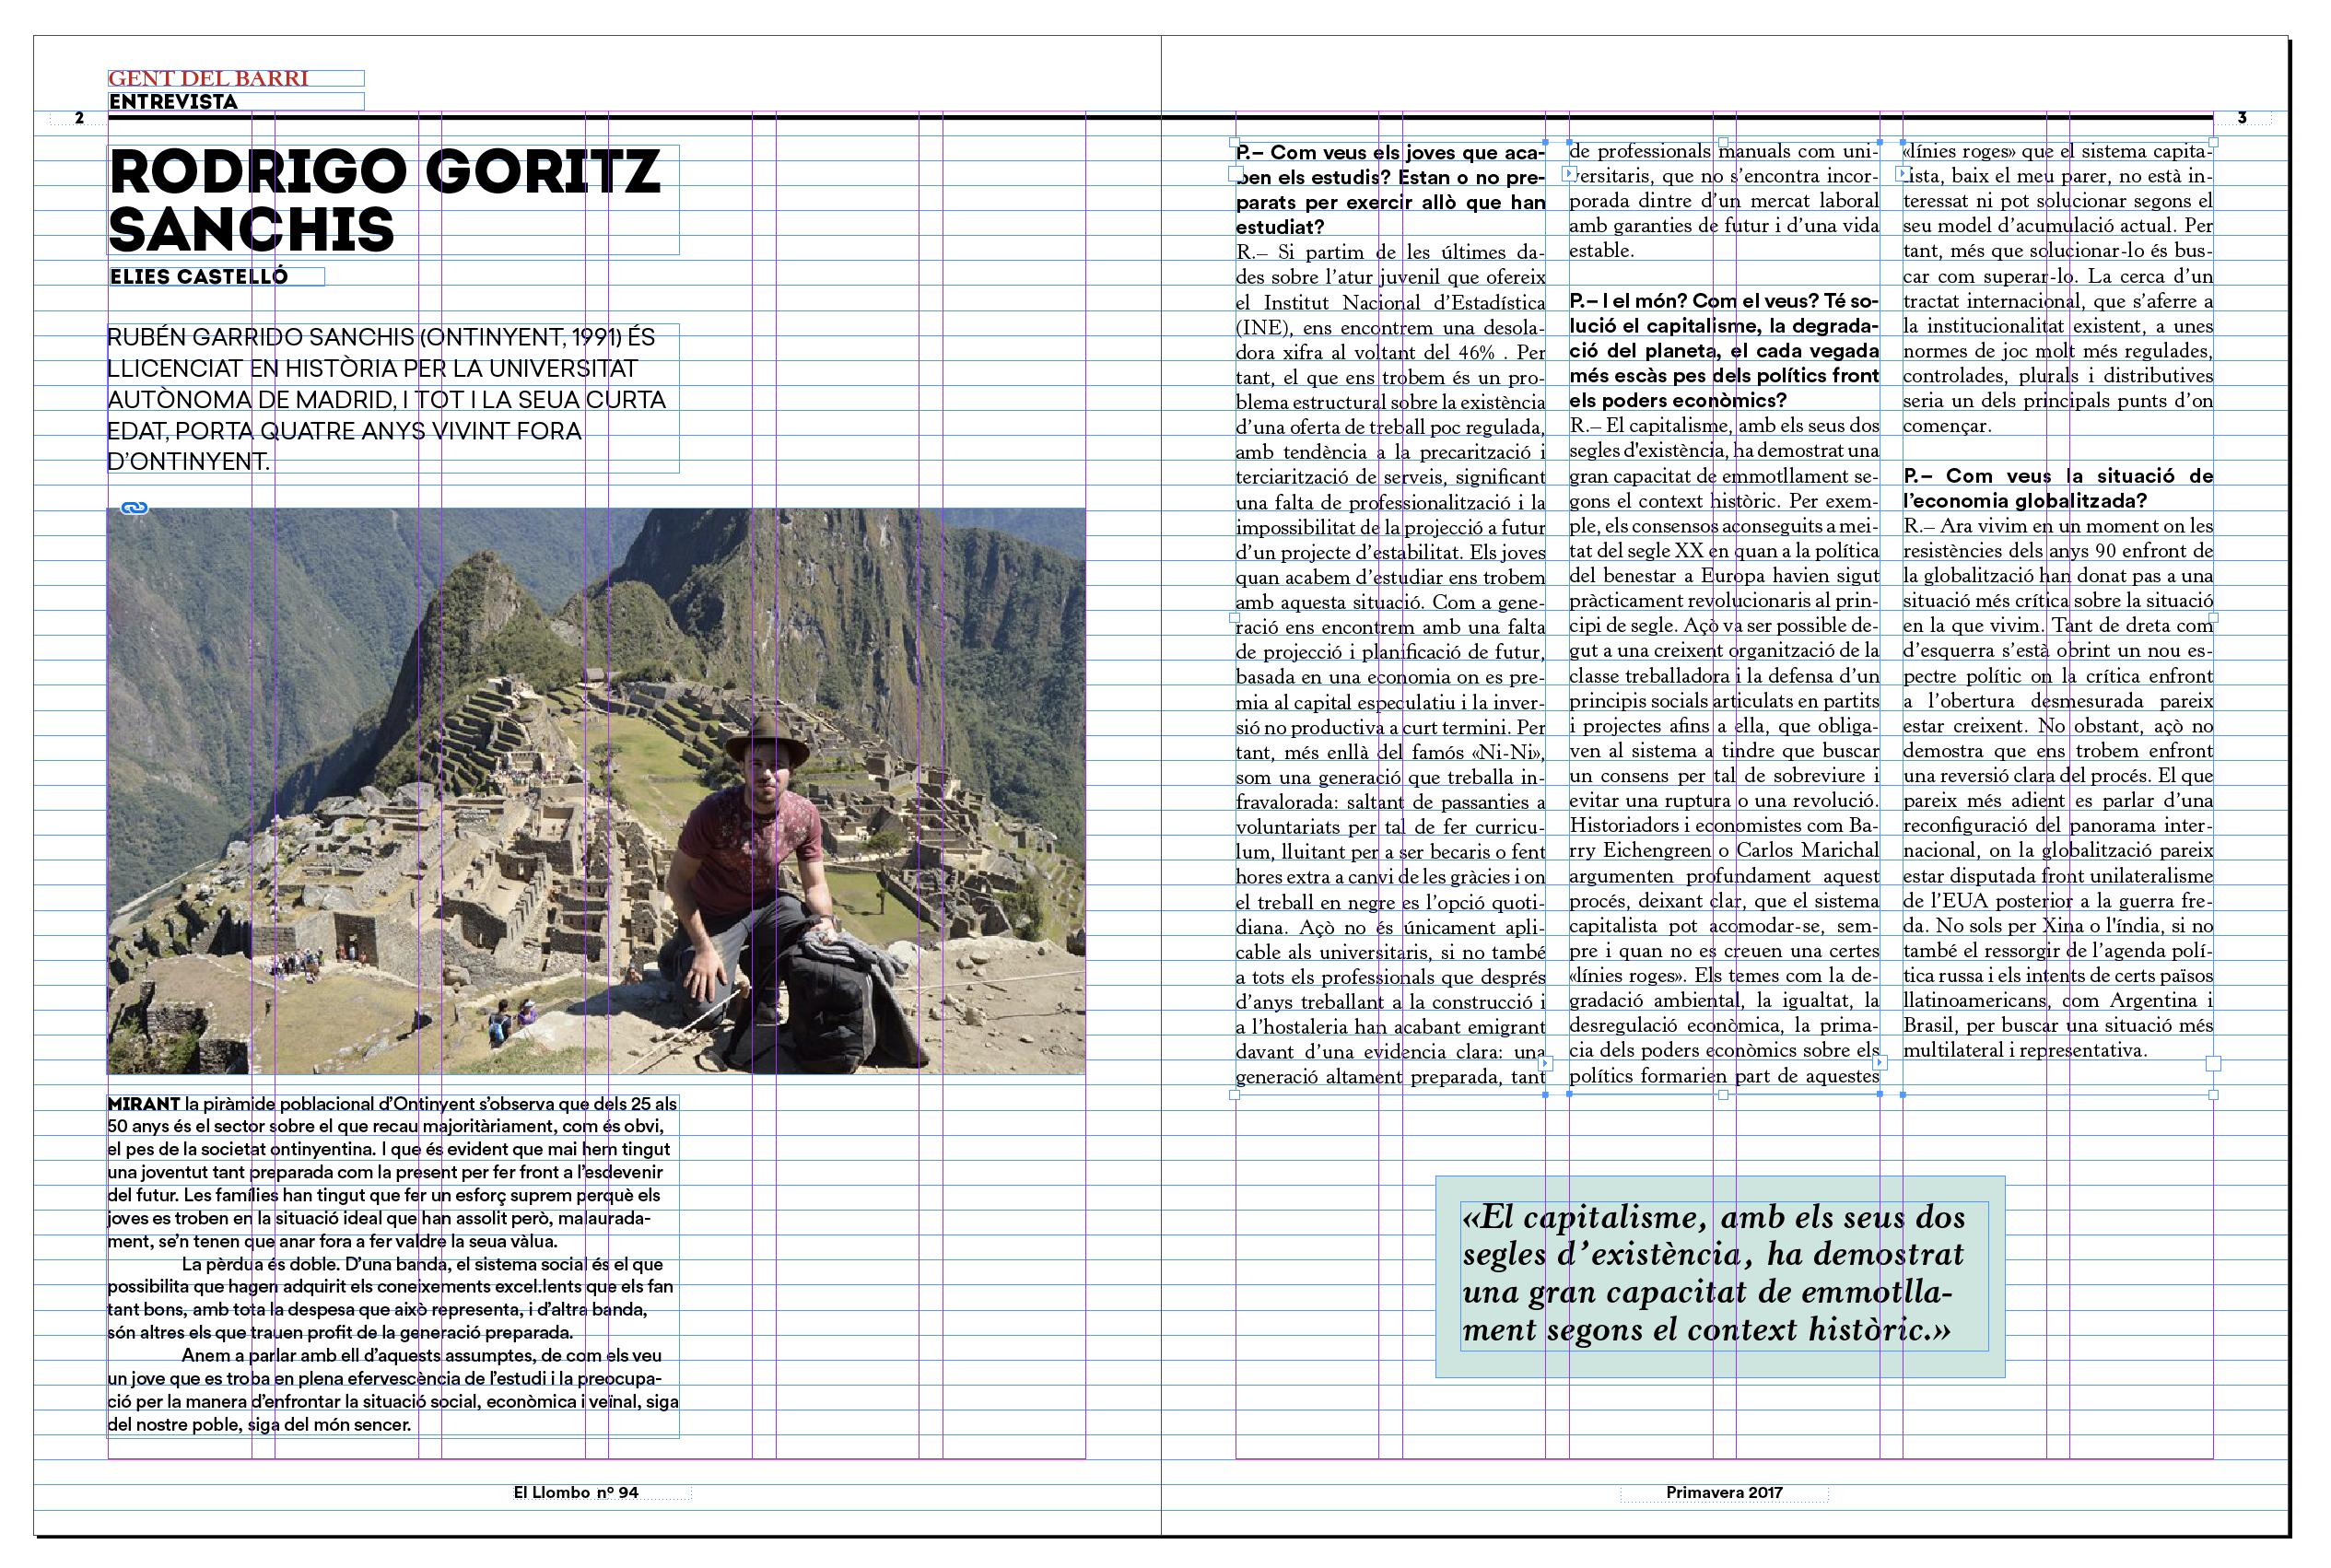 maquetación y diseño editorial